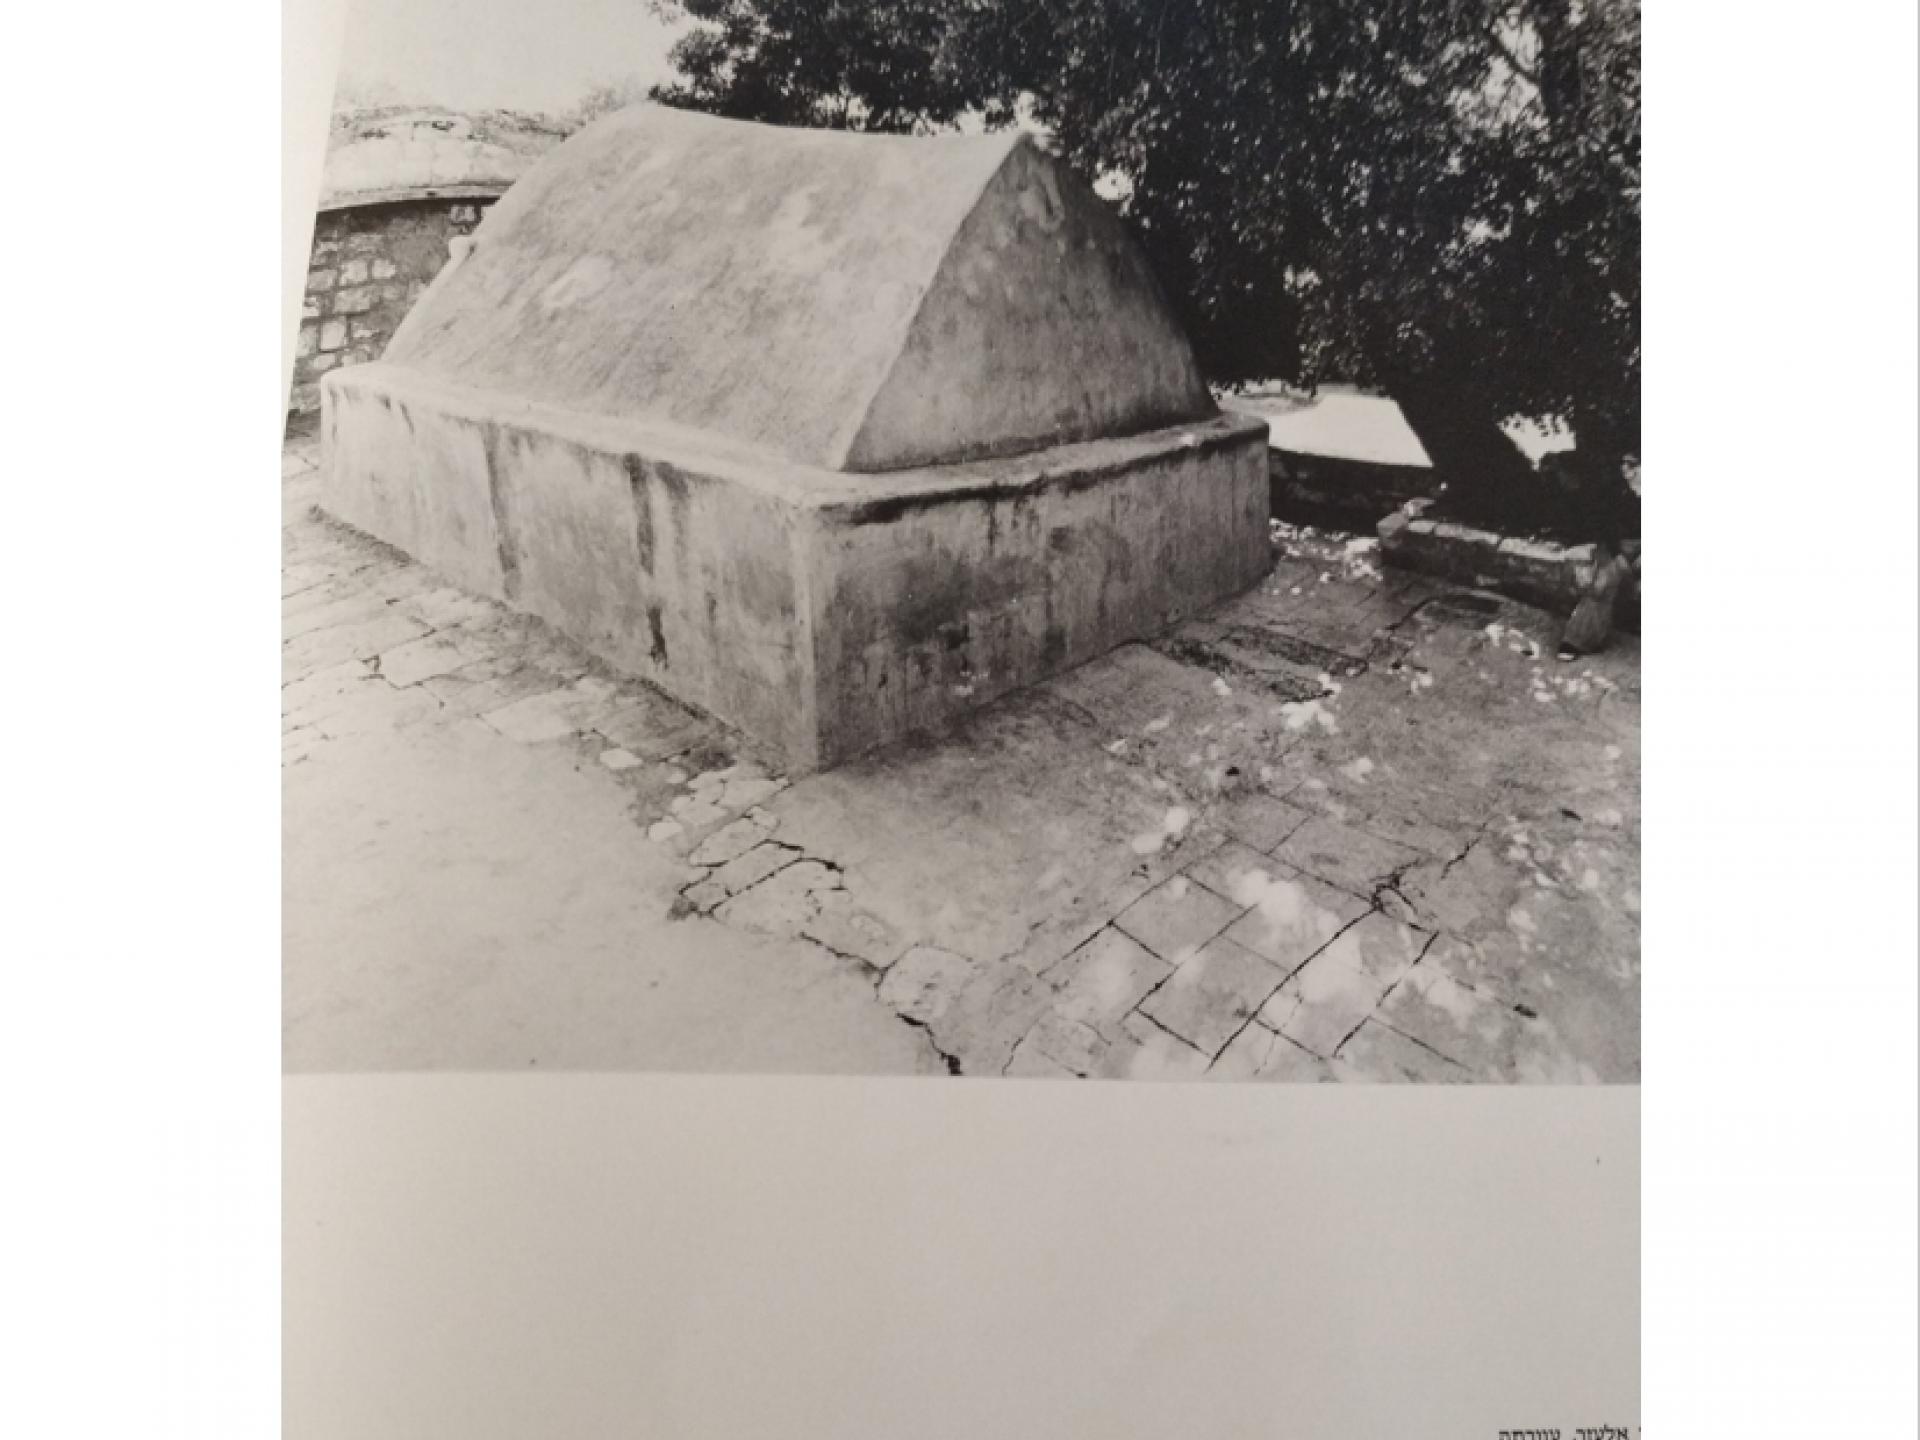 צילום הקבר, מתוך הספר מקום